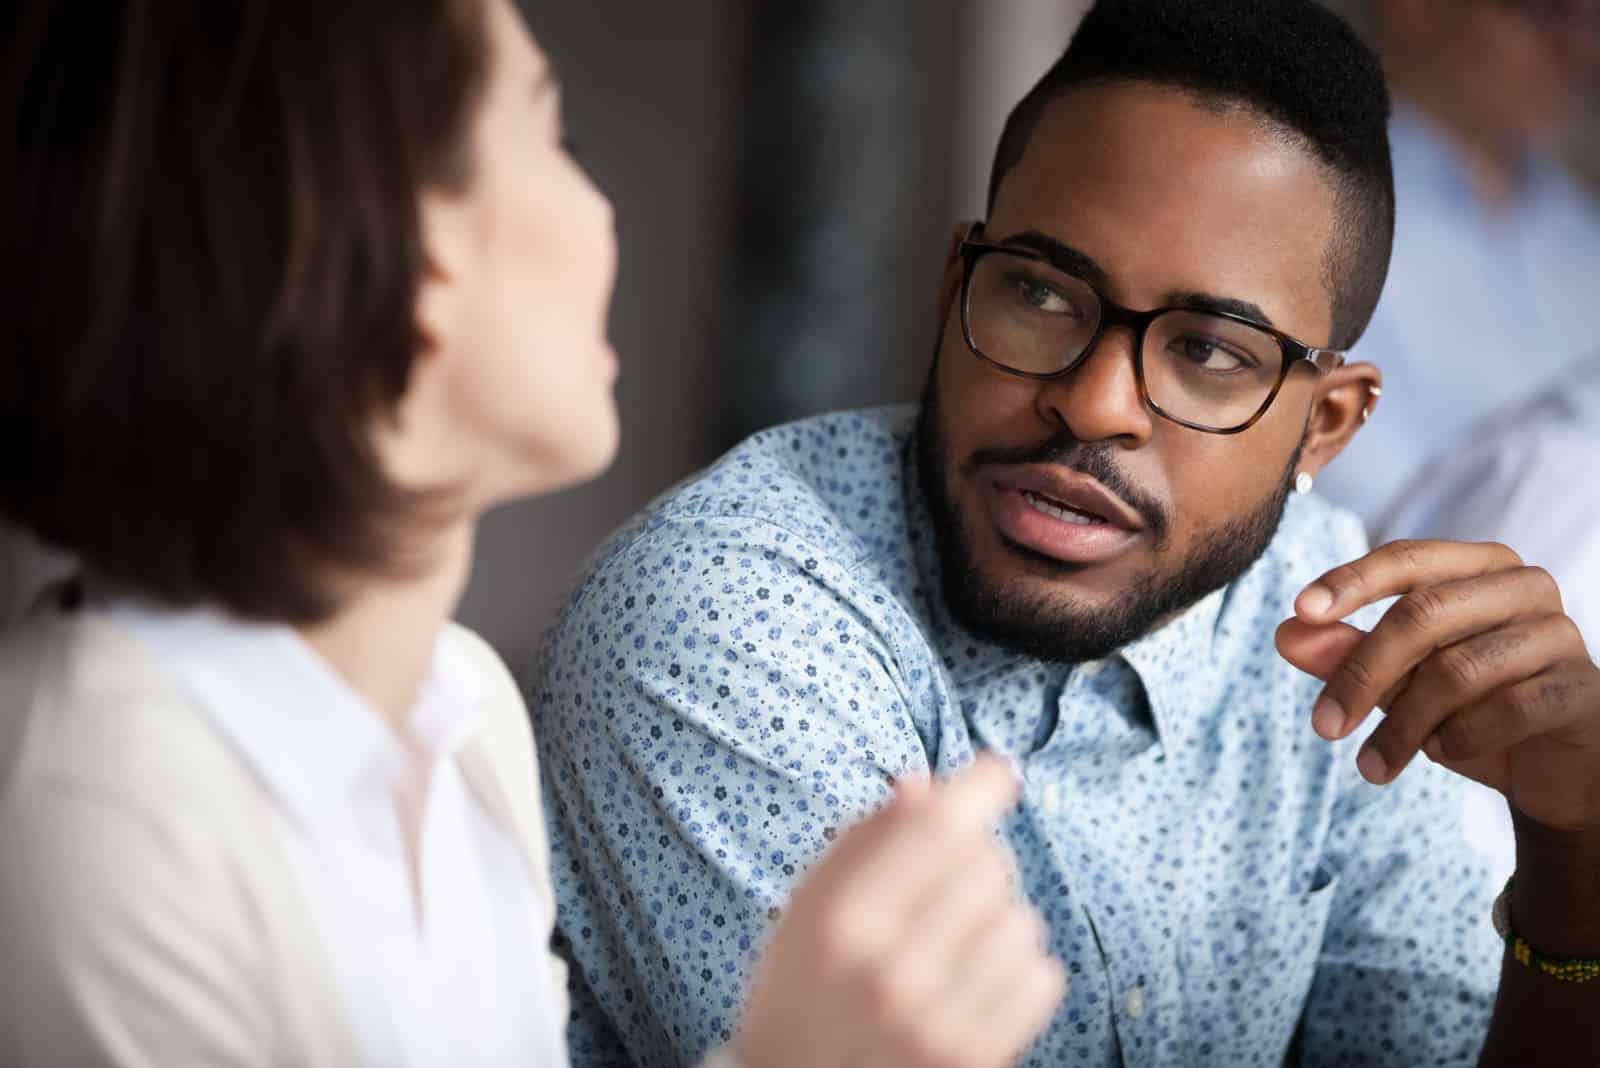 Ein Mann und eine Frau reden